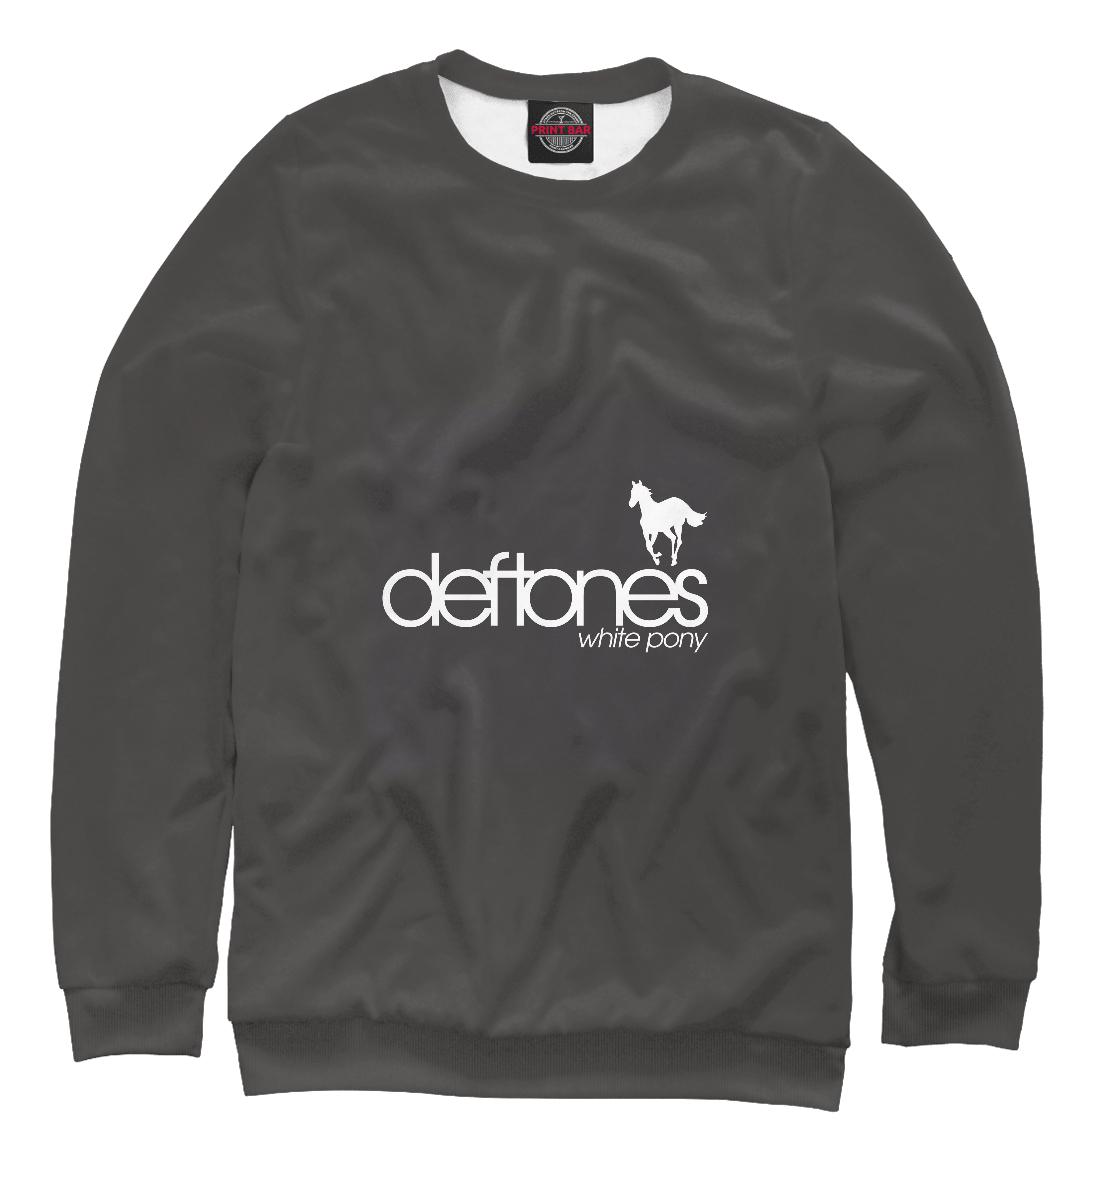 Купить Deftones, Printbar, Свитшоты, DFT-784702-swi-1